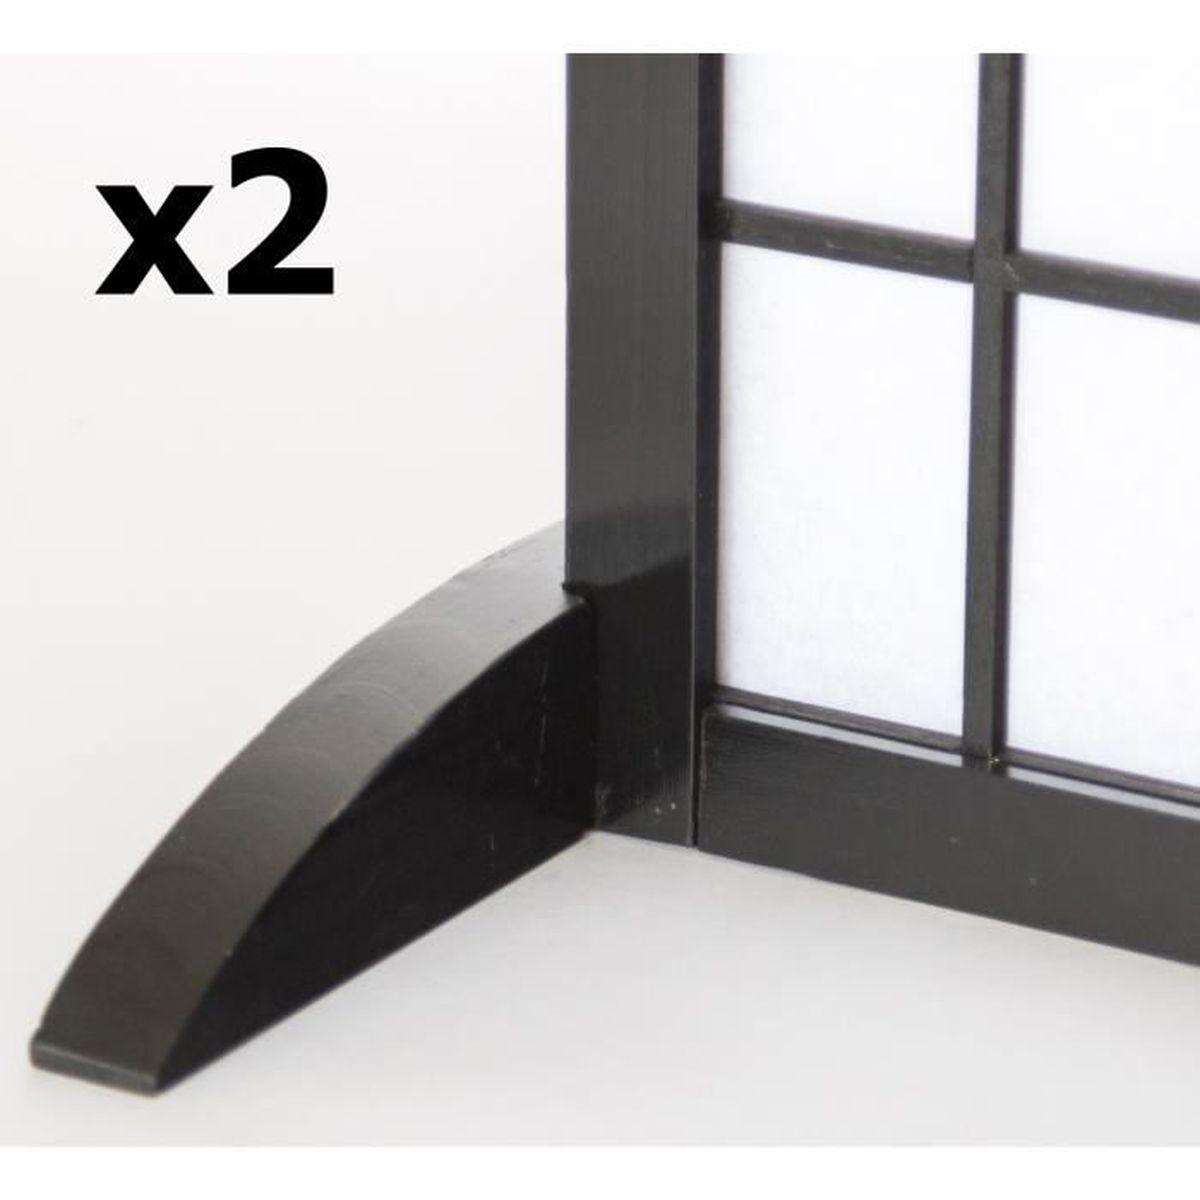 pied de paravent achat vente pied de paravent pas cher cdiscount. Black Bedroom Furniture Sets. Home Design Ideas